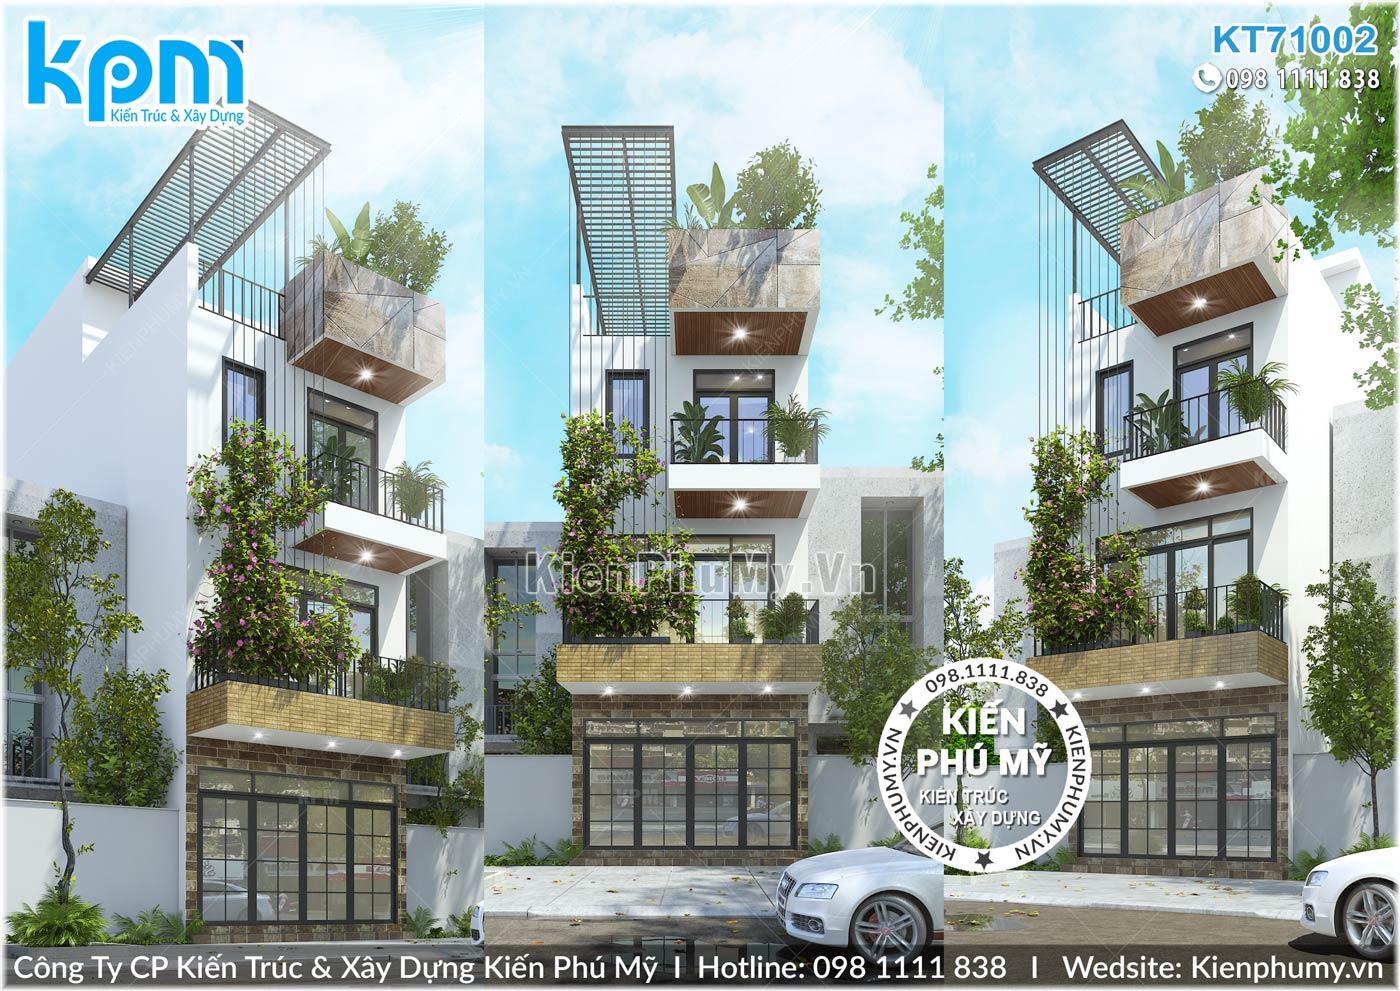 mẫu nhà phố hiện đại 3 tầng độc đáo ấn tượng tại Hải Dương